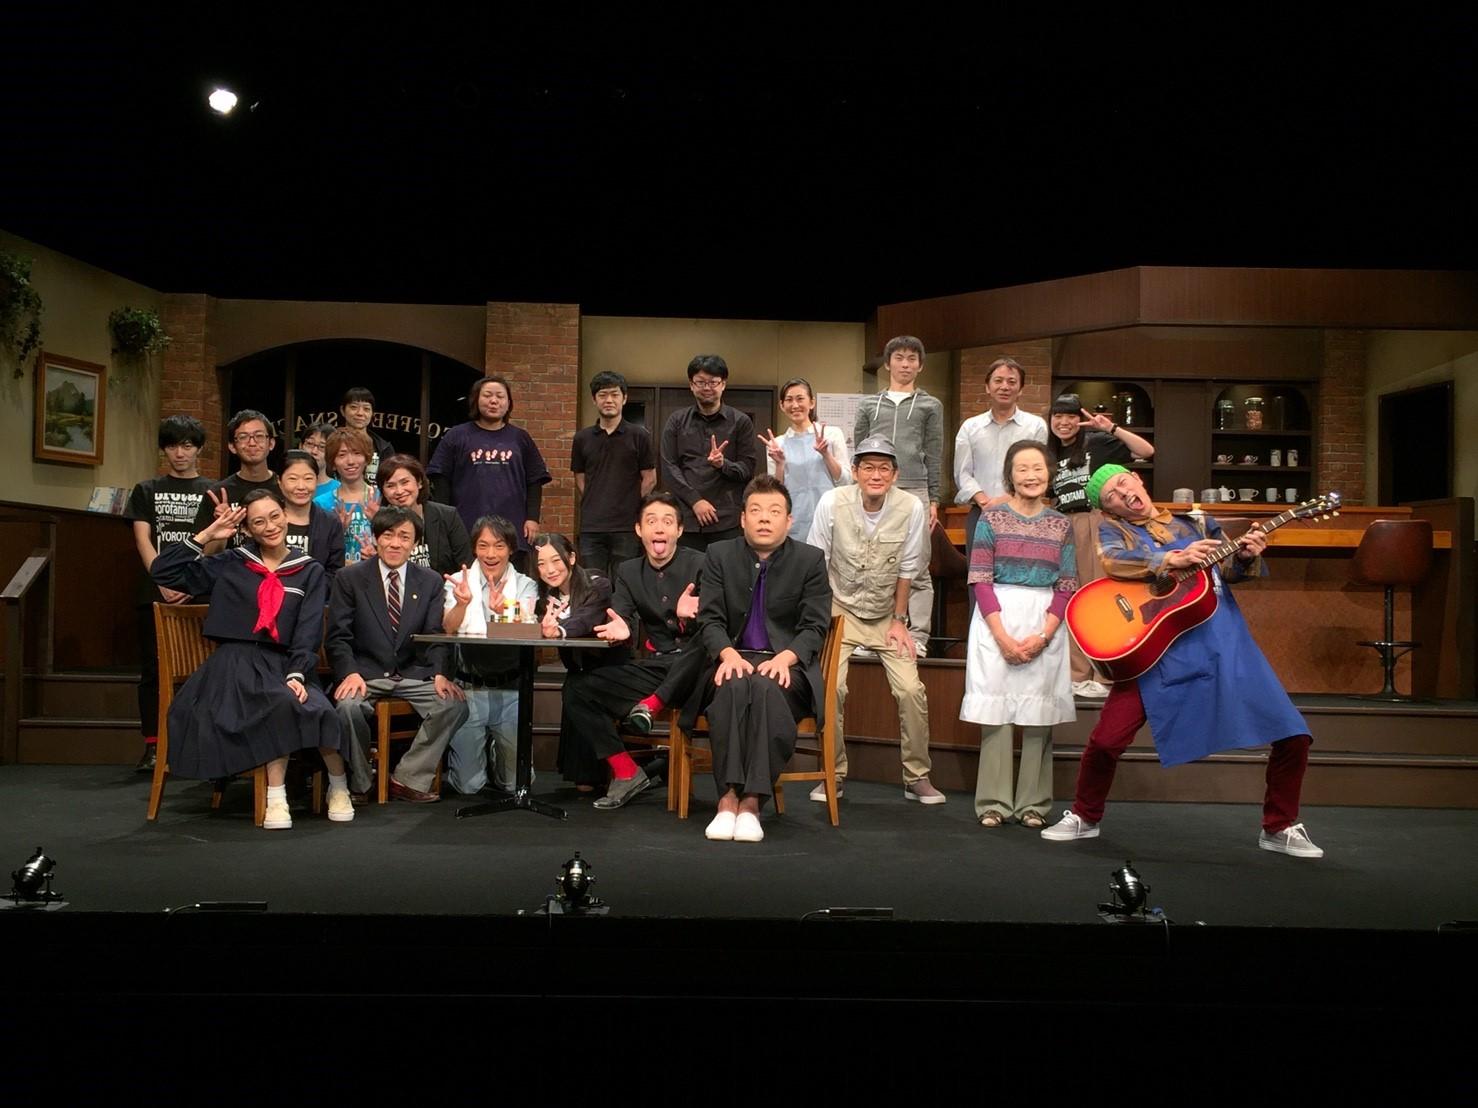 第24回公演『硝子の途(再演)』スタッフさんも一緒に1 東池袋・あうるすぽっと